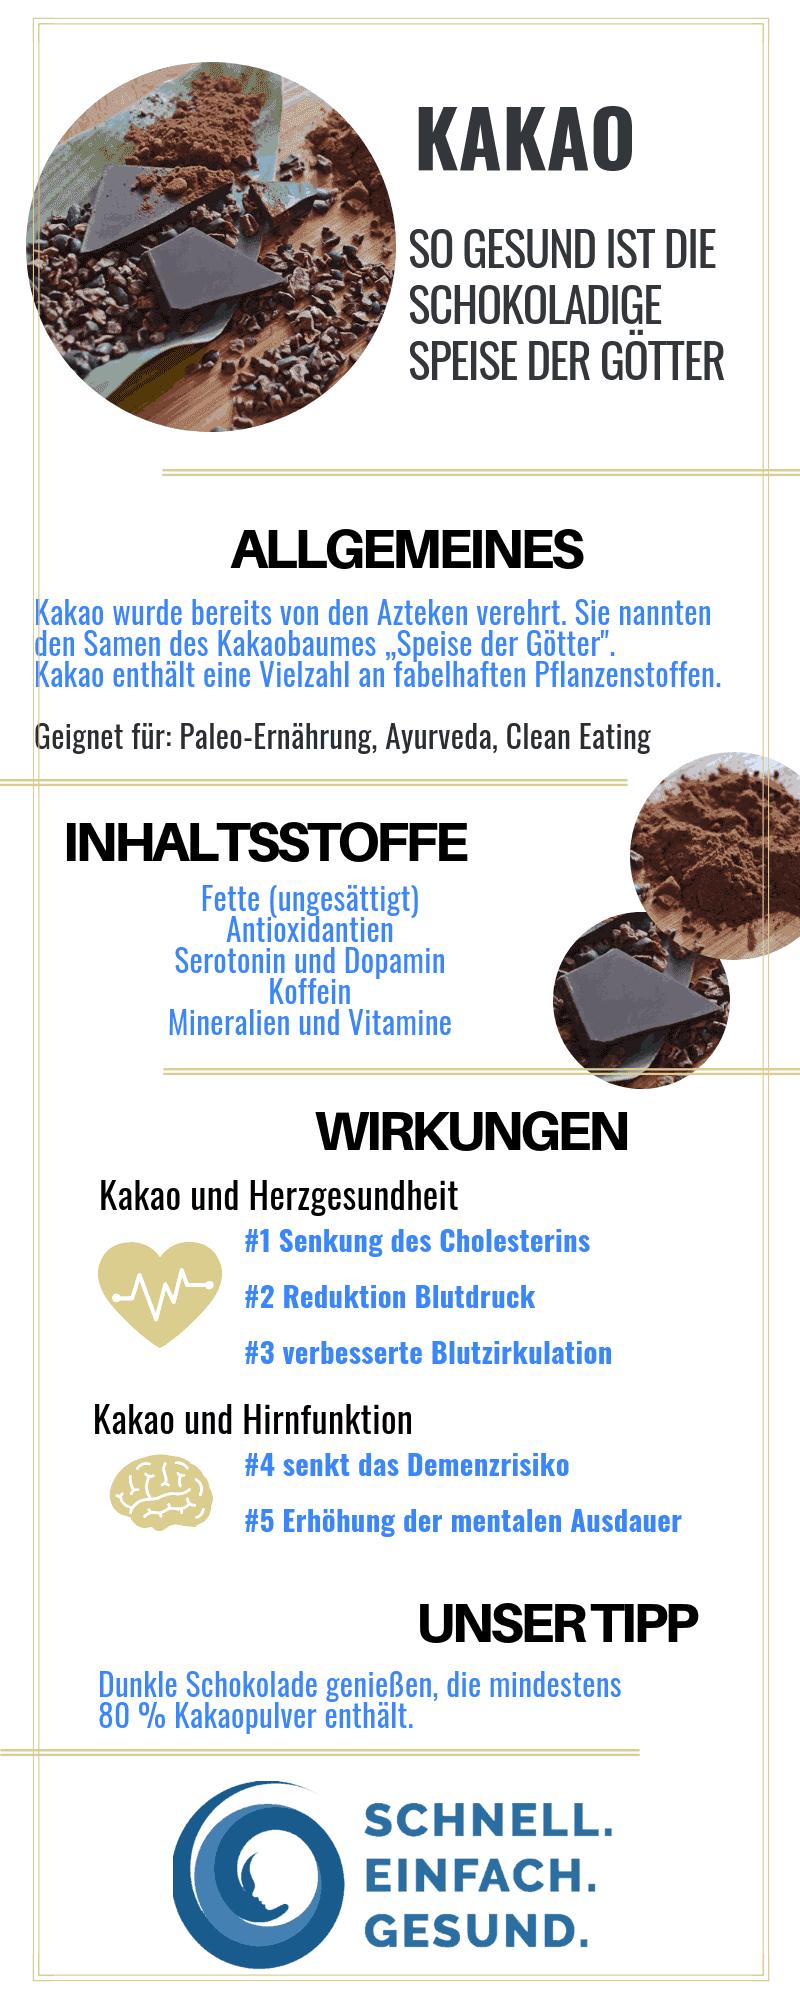 Kakao Vorteile für die Gesundheit Infographik